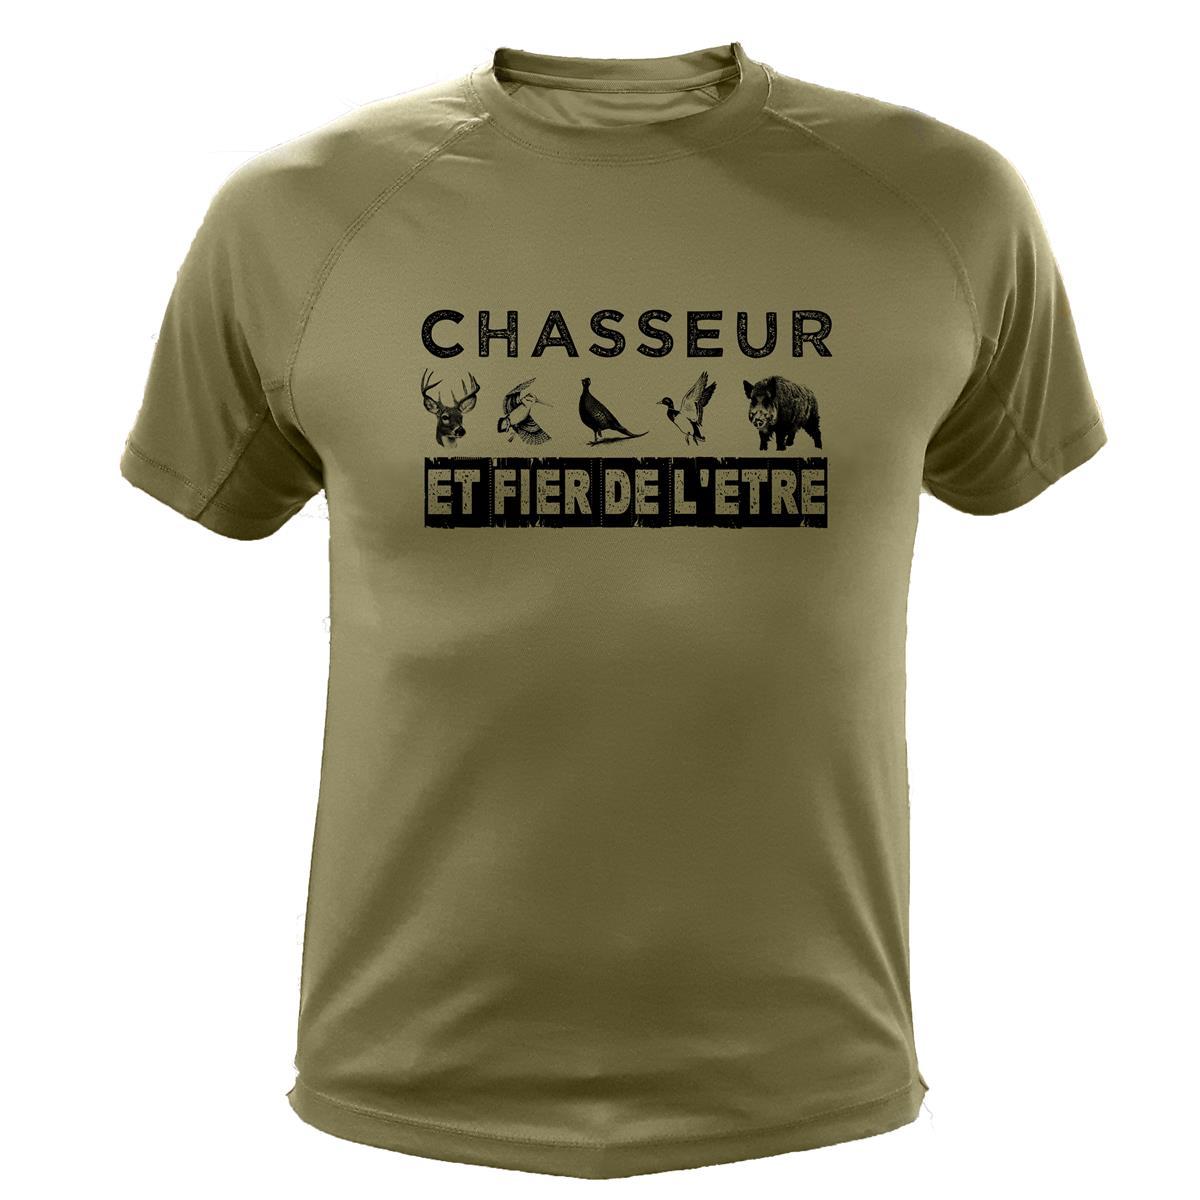 Chasse Fier Chasseur Et Traqueur Shirt Tee L'être De XZuPOik